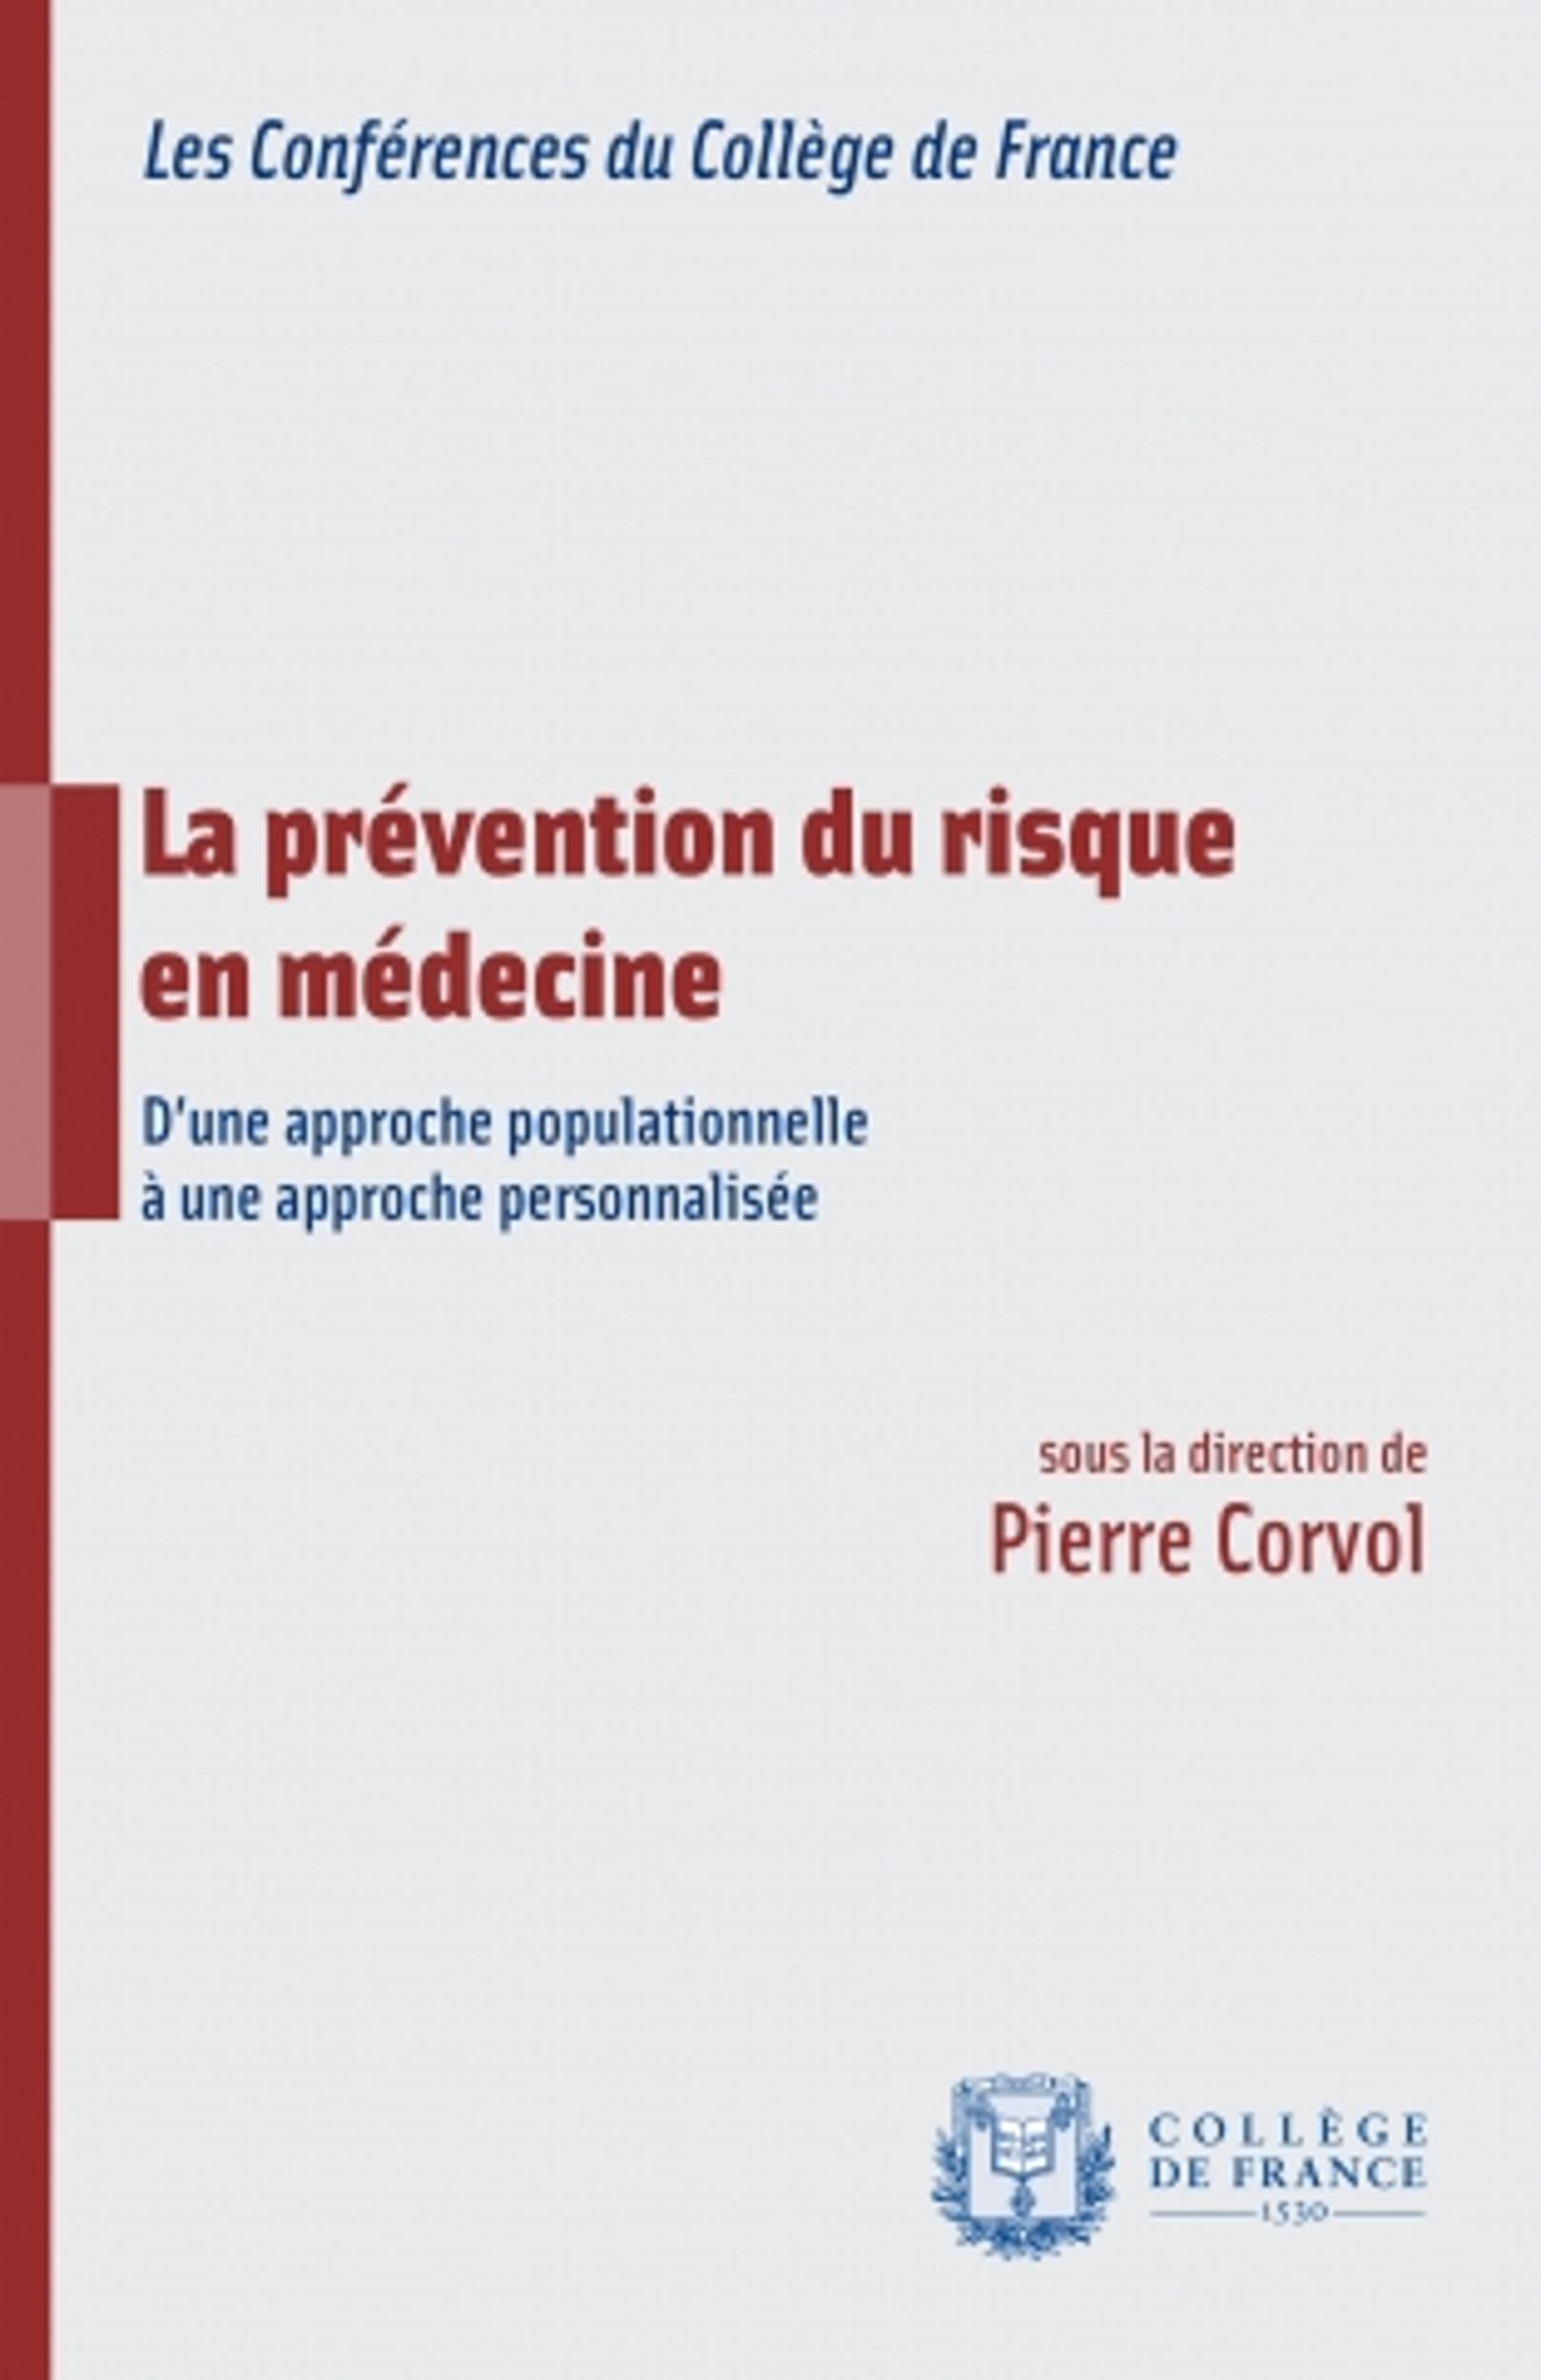 La prévention du risque en médecine, D'UNE APPROCHE POPULATIONNELLE À UNE APPROCHE PERSONNALISÉE